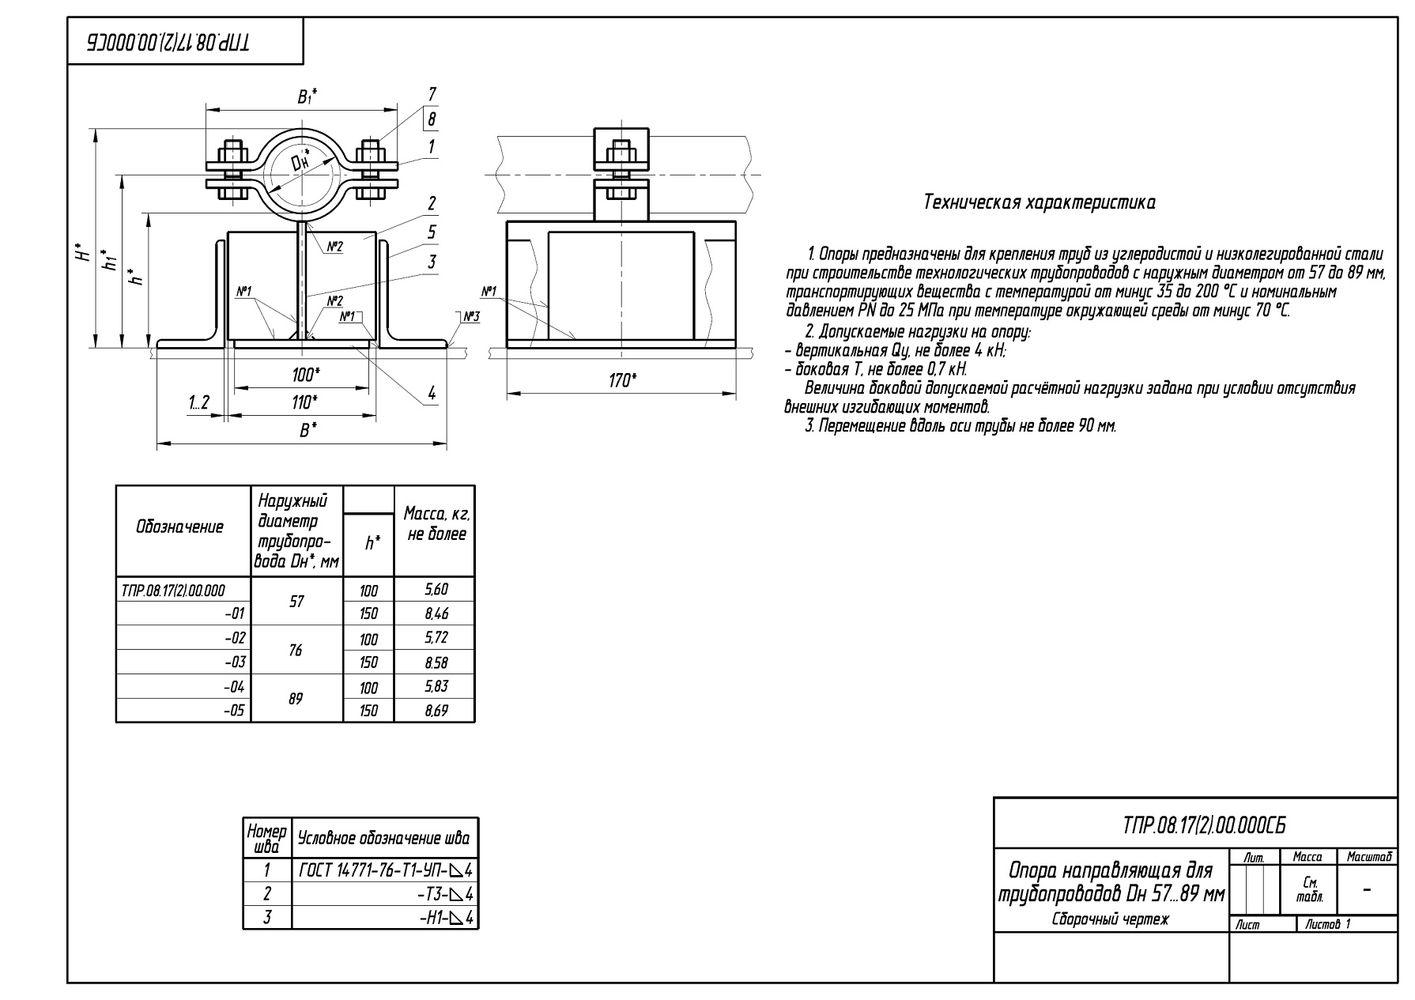 ТПР.08.17(2).00.000 Опоры направляющие для трубопроводов Дн 57-89 мм